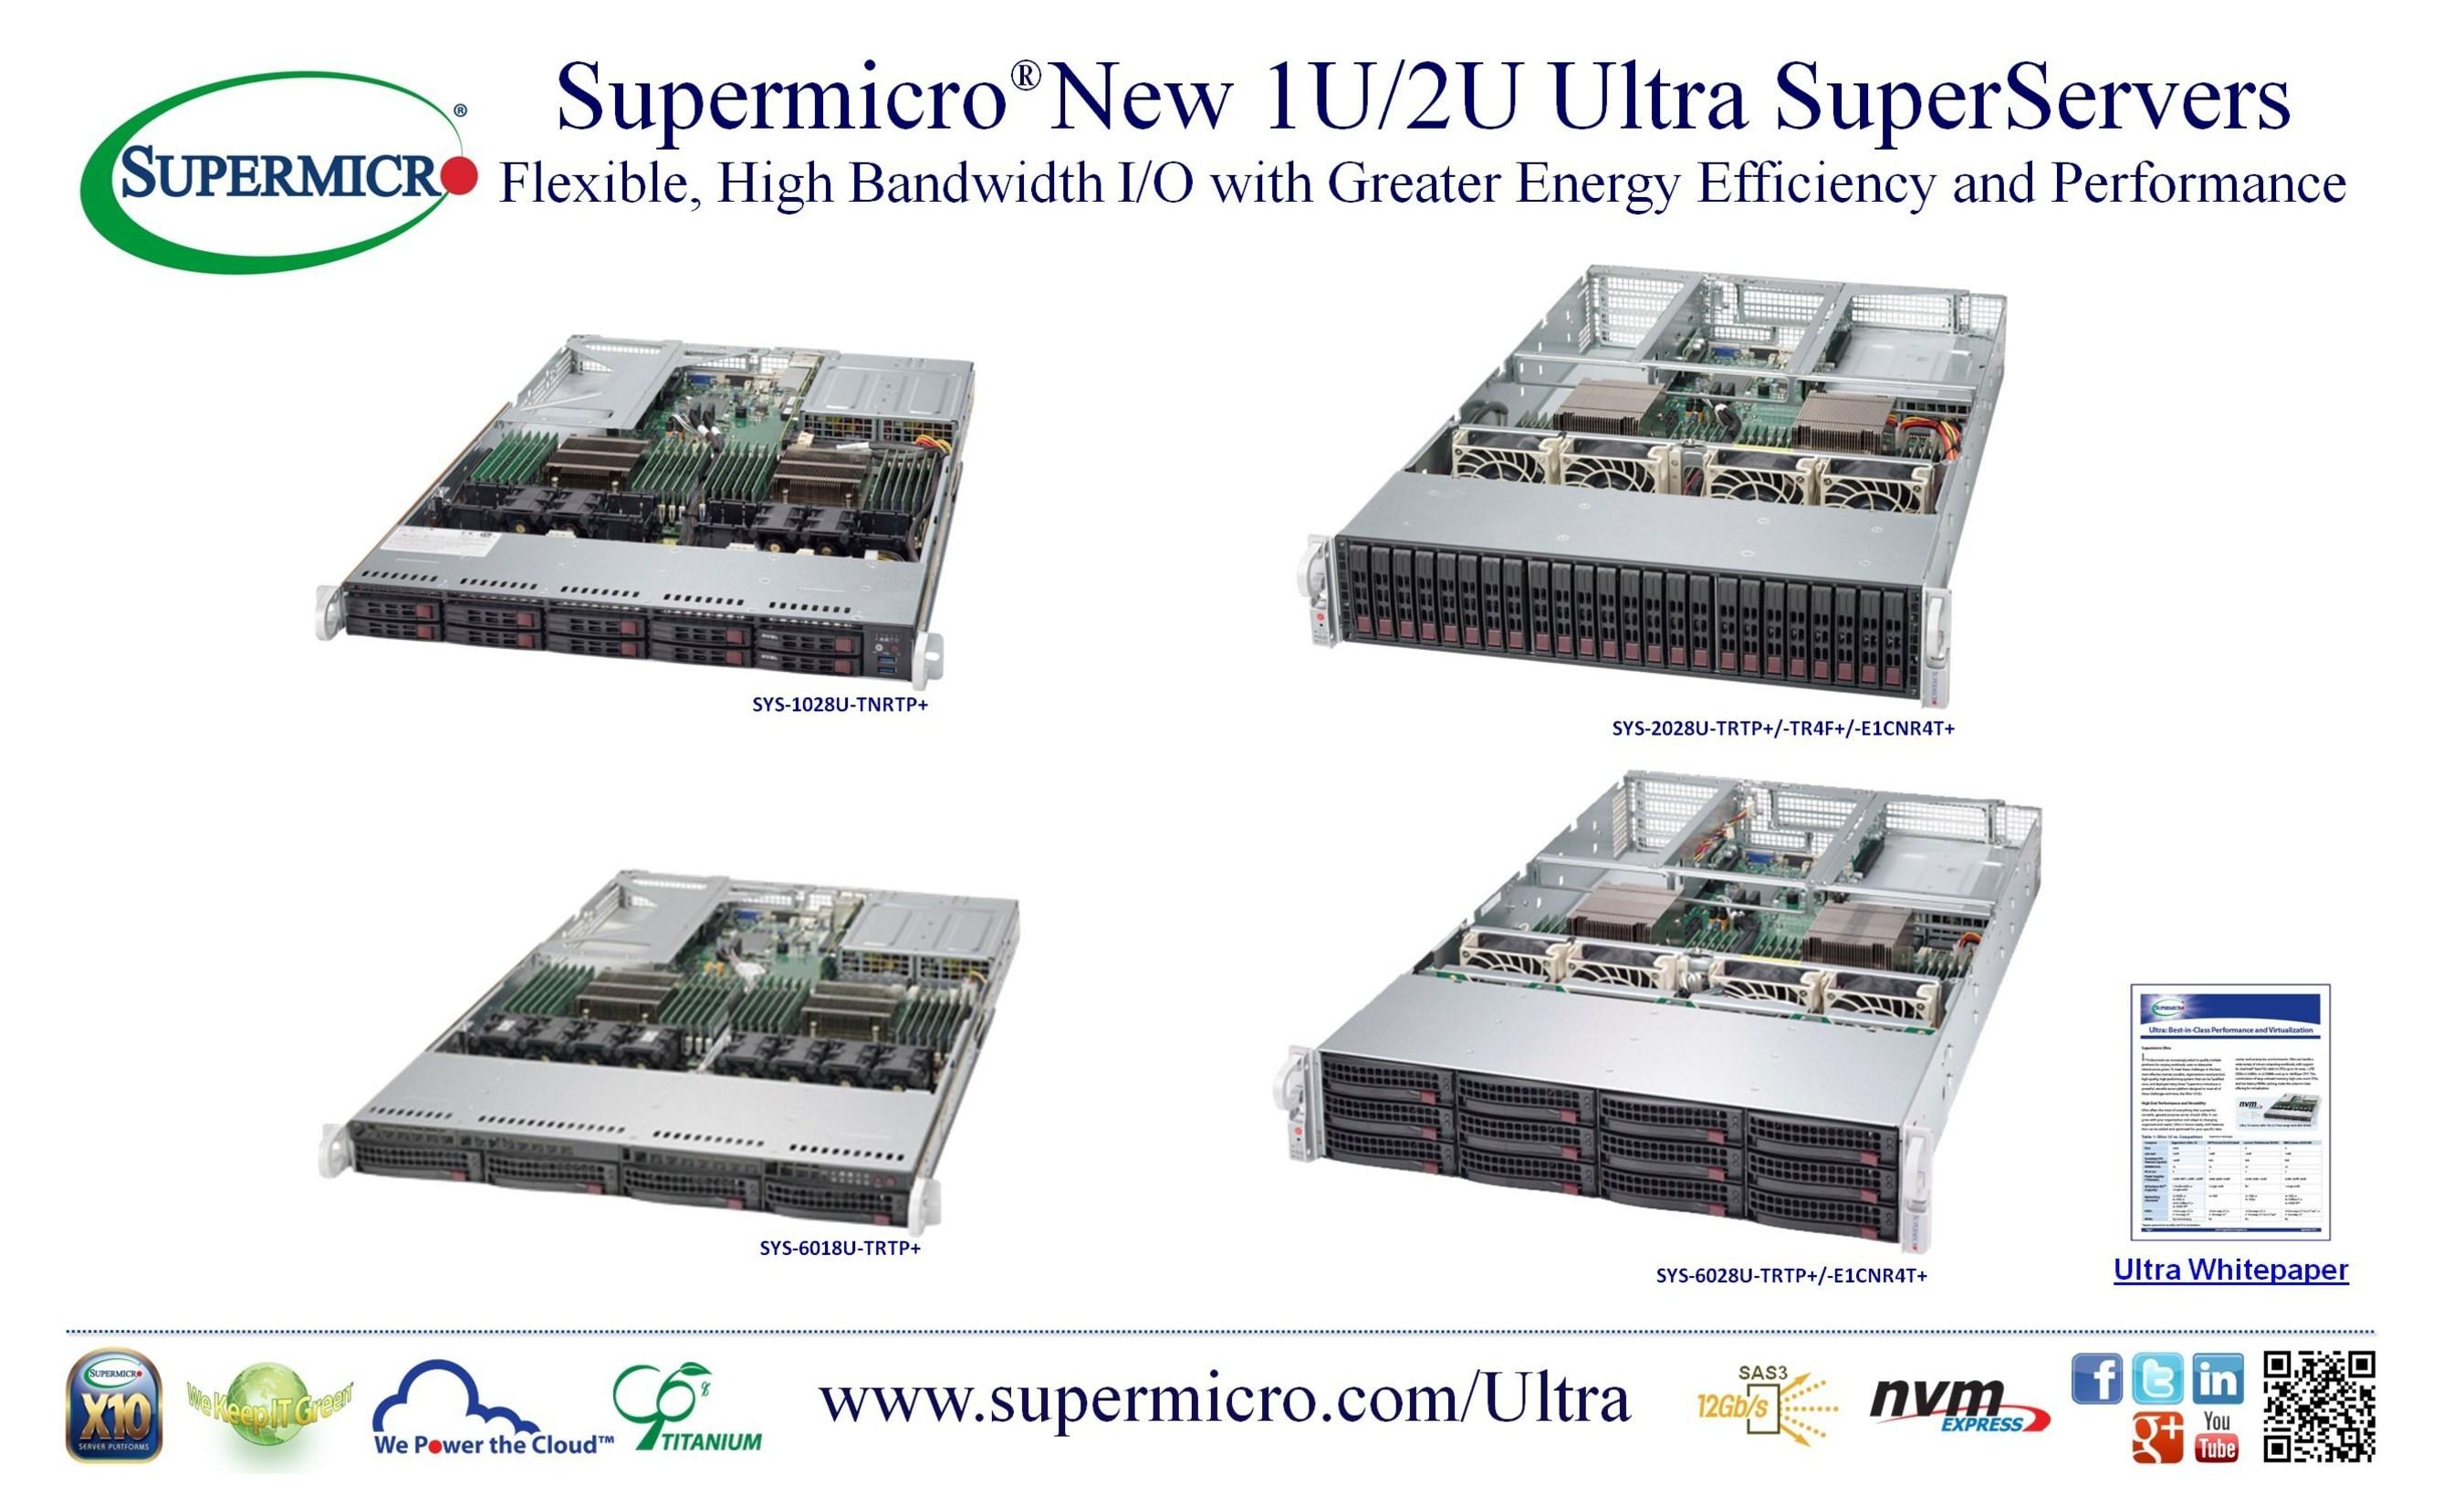 I nuovi SuperServer Ultra 1U/2U di Supermicro® offrono I/O flessibili, a banda larga, con